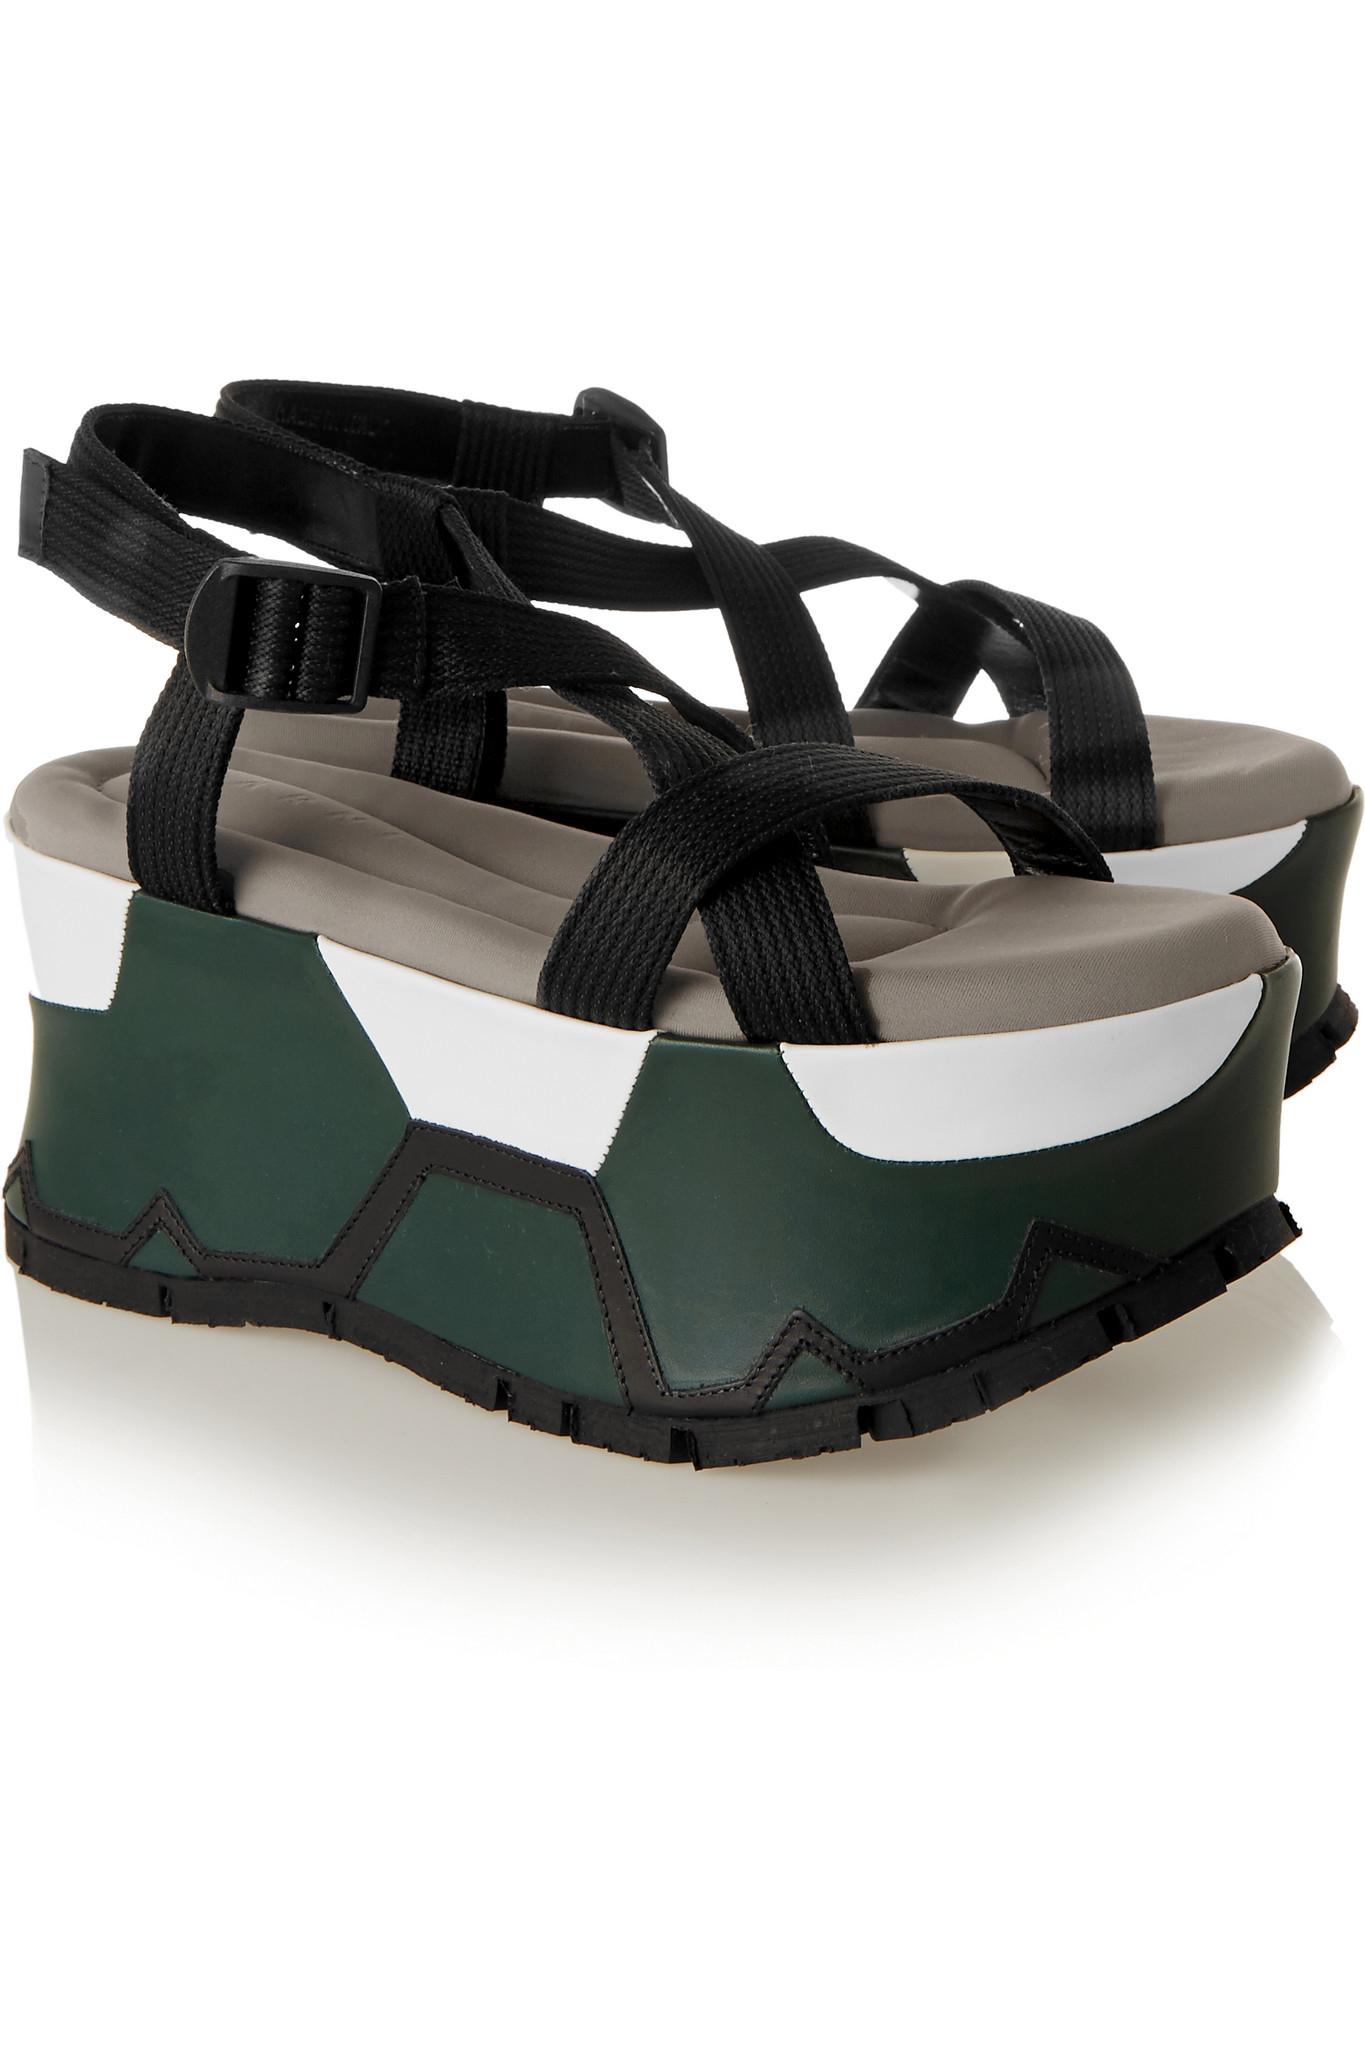 Marni Canvas platform sandals yChr3h7